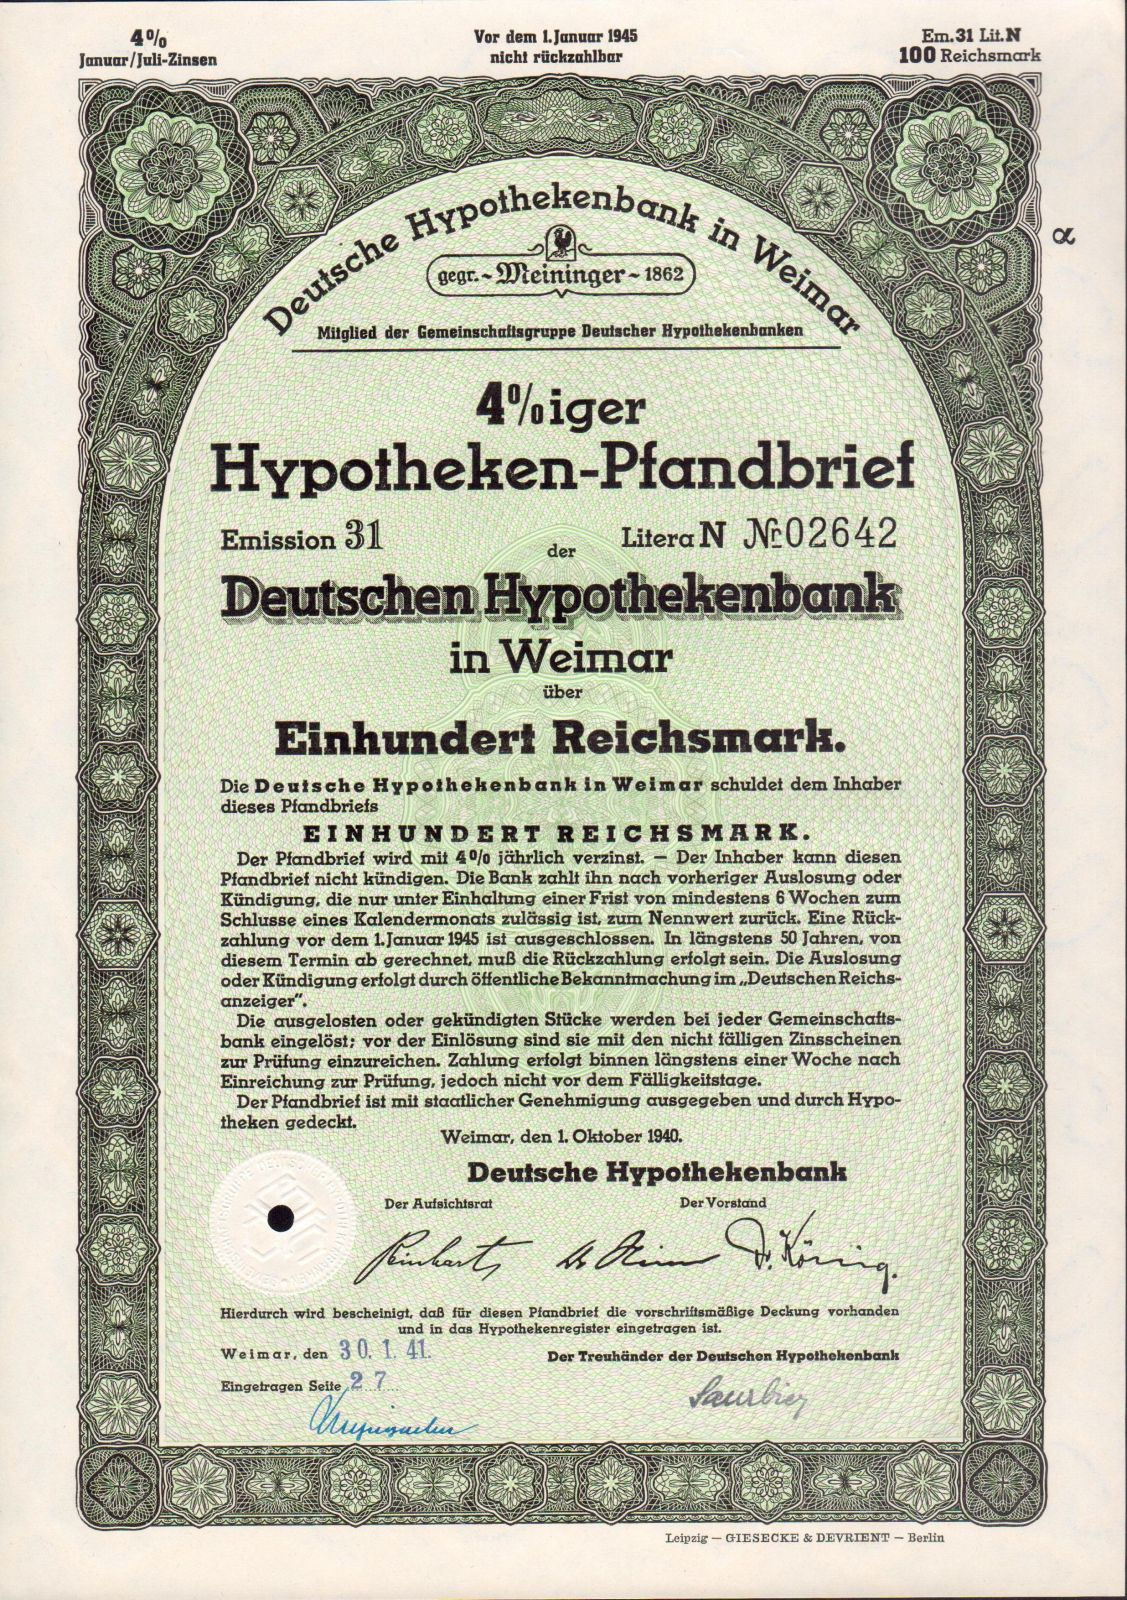 Dluhopis Deutschen Hypothekenbank in Weimar/1940/, 100 Reichsmark, 4 %, formát A4